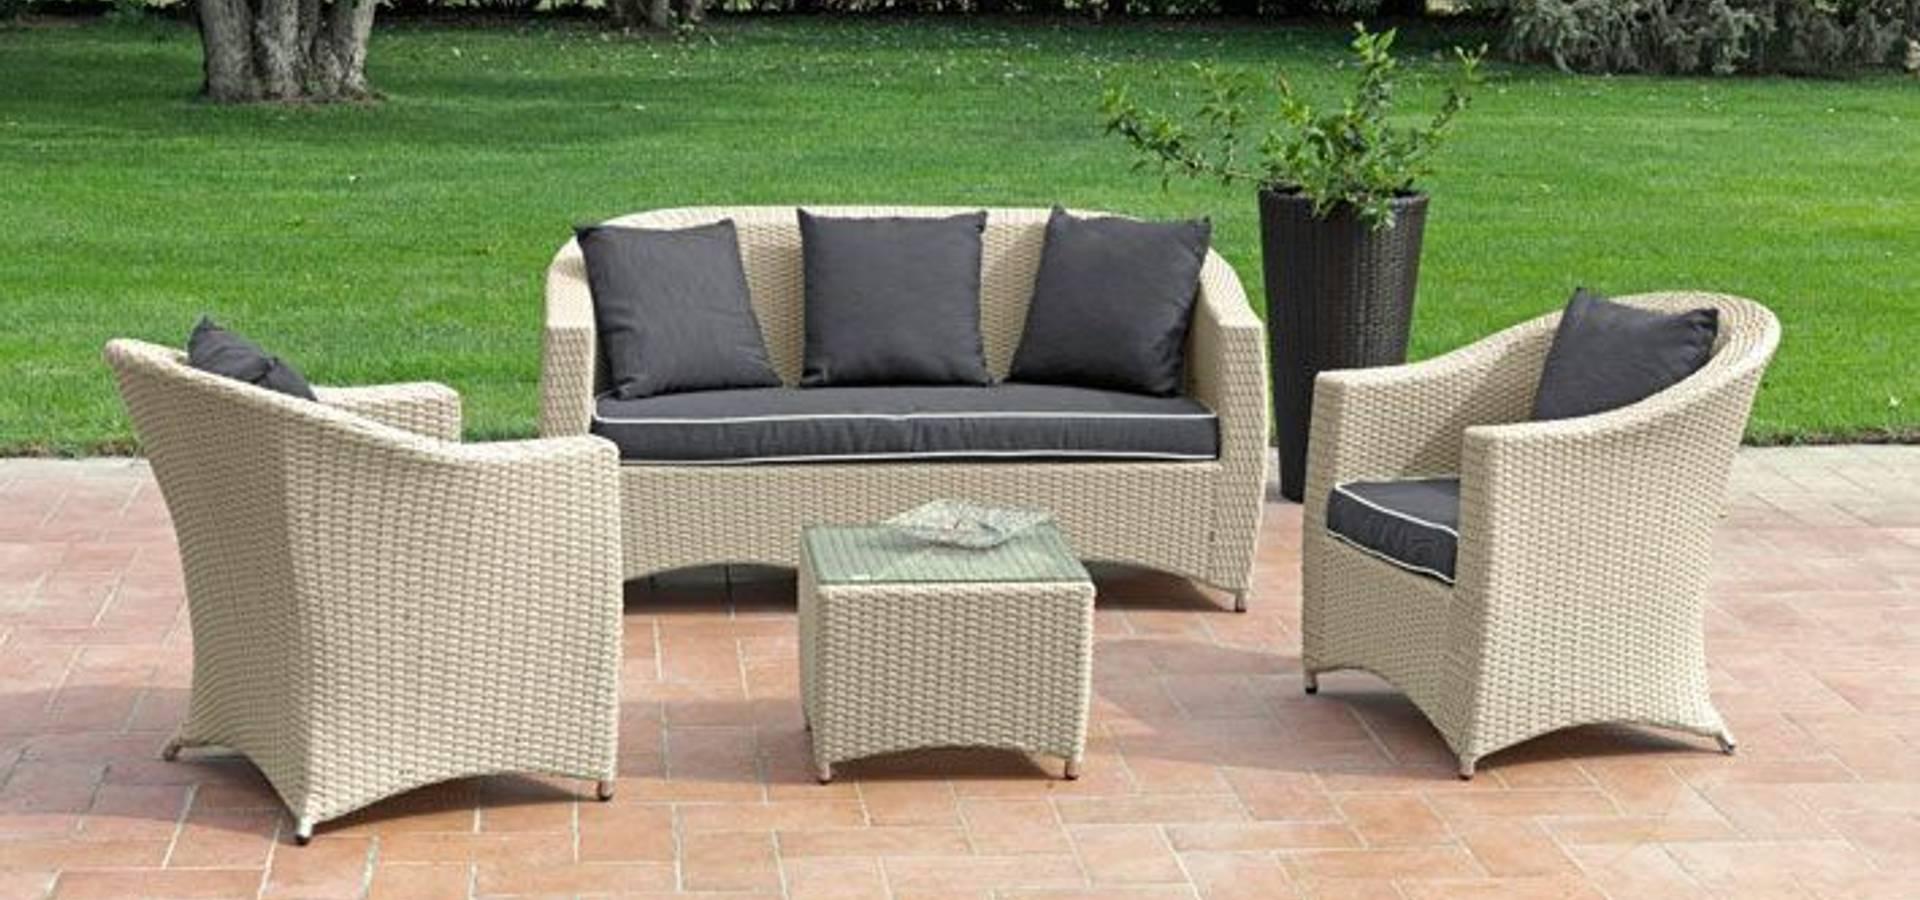 Arredo giardino on line economico mobilia la tua casa for Arredo giardino on line outlet